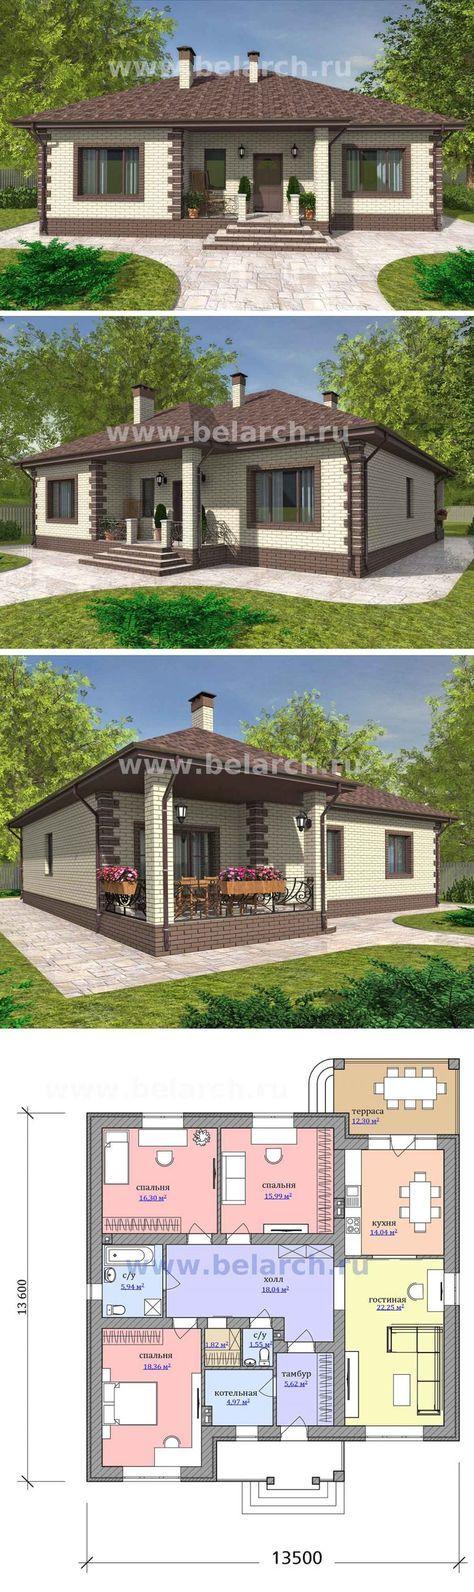 Проект дома до 150 кв.м. с тремя спальнями, гостиной и ...